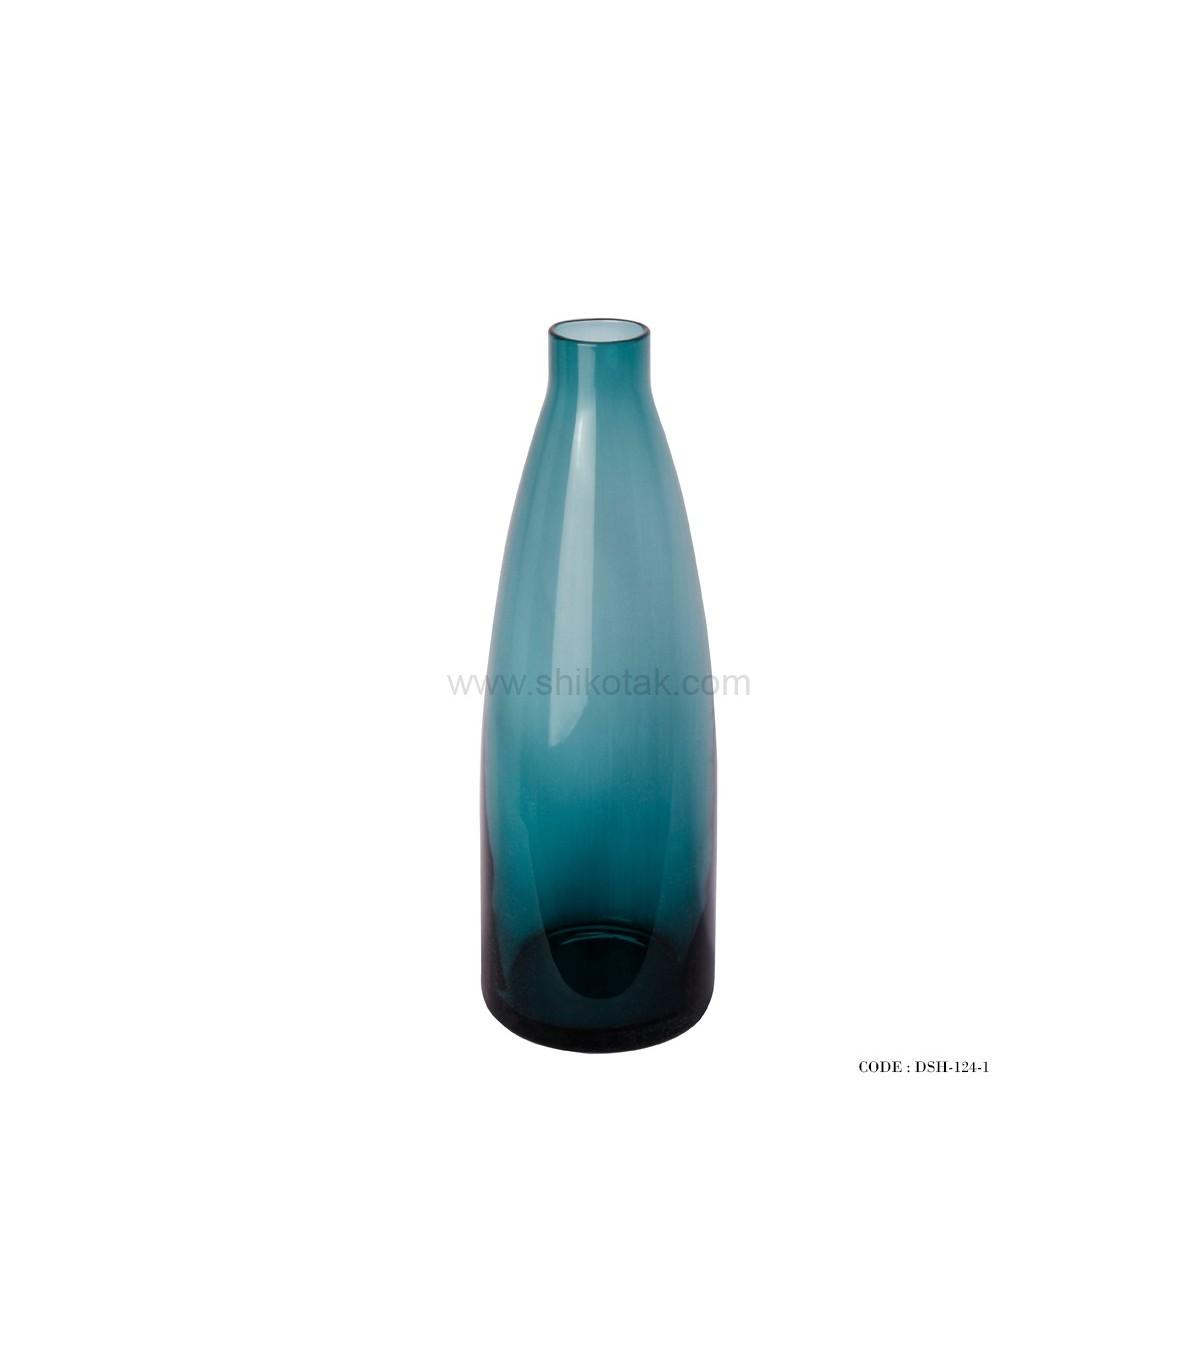 خرید انلاین گلدان شیشه ای آبی رنگ